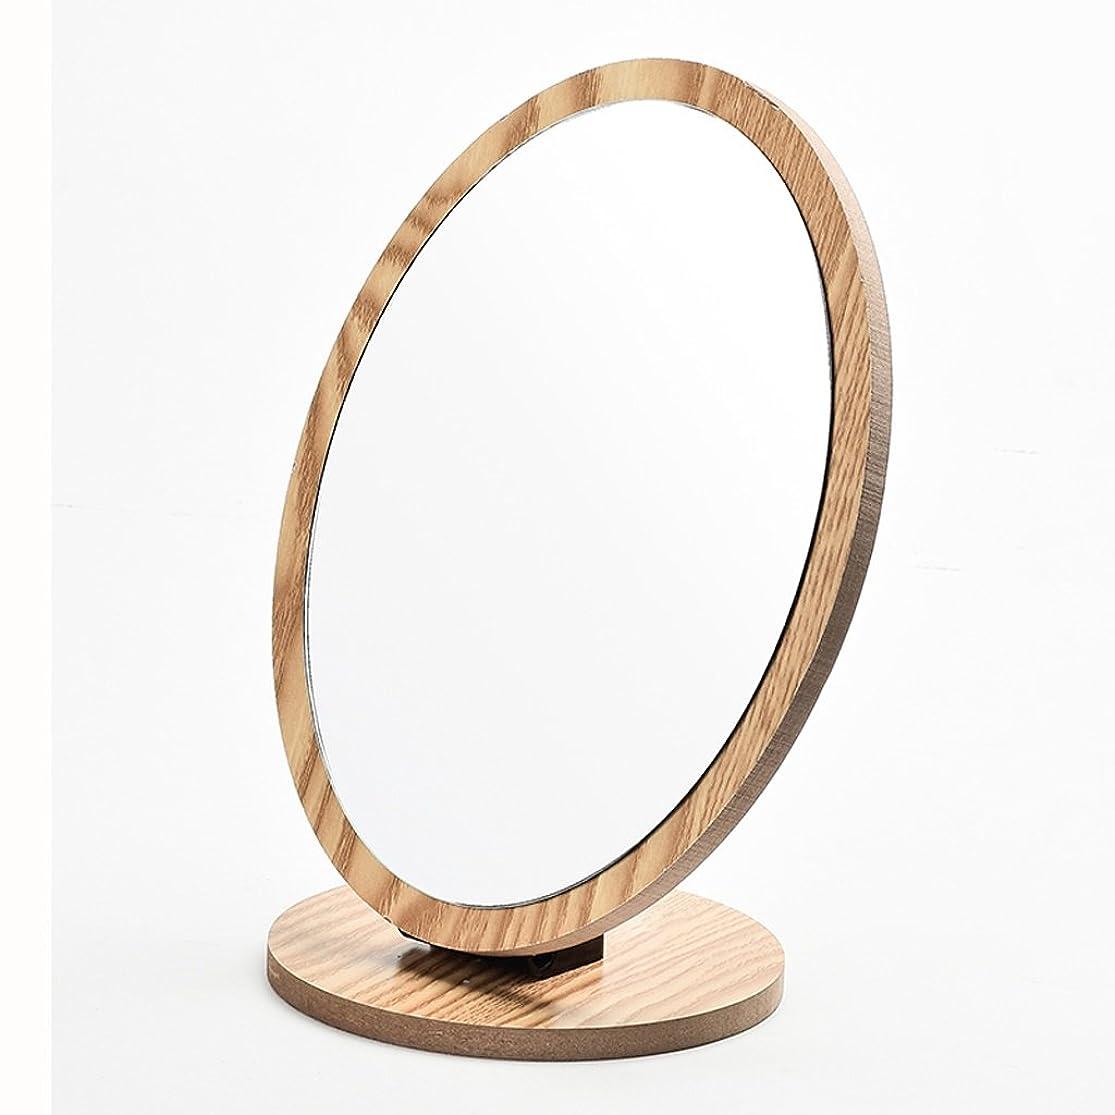 バナナ素晴らしきスイス人JTWJ 木製回転式化粧鏡デスクトッププリンセスミラー、サイズ:20 x 16cm